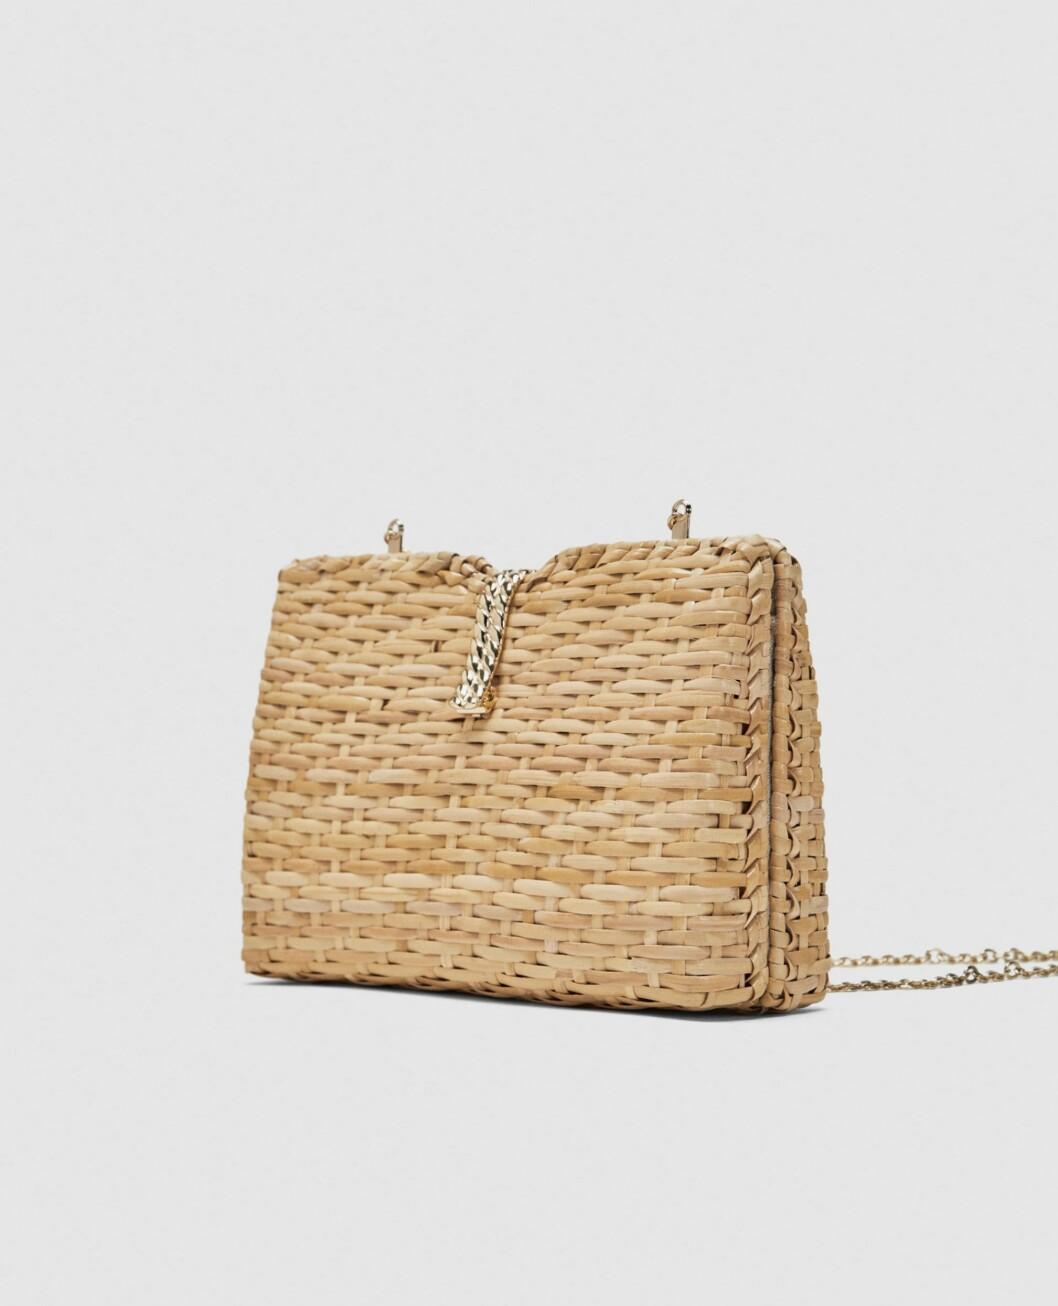 <strong>Veske fra Zara |399,-| https:</strong>//www.zara.com/no/no/boksveske-i-bast-med-skulderrem-p11680304.html?v1=5467520&v2=819022